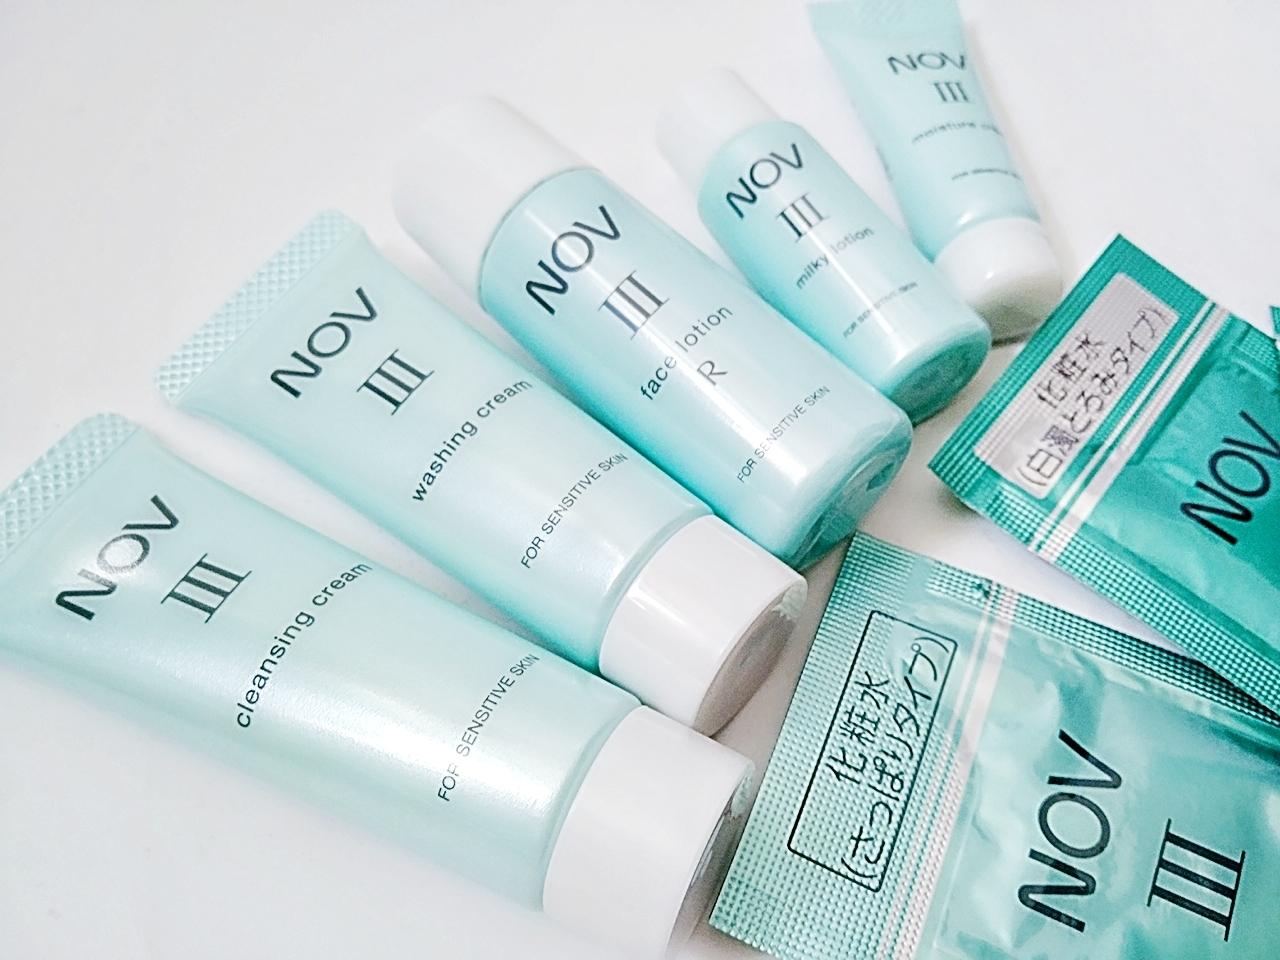 敏感肌で悩んでいるならまず試してみるべき臨床皮膚医学に基づいた高保湿コスメ【ノブlll トライアルセット】